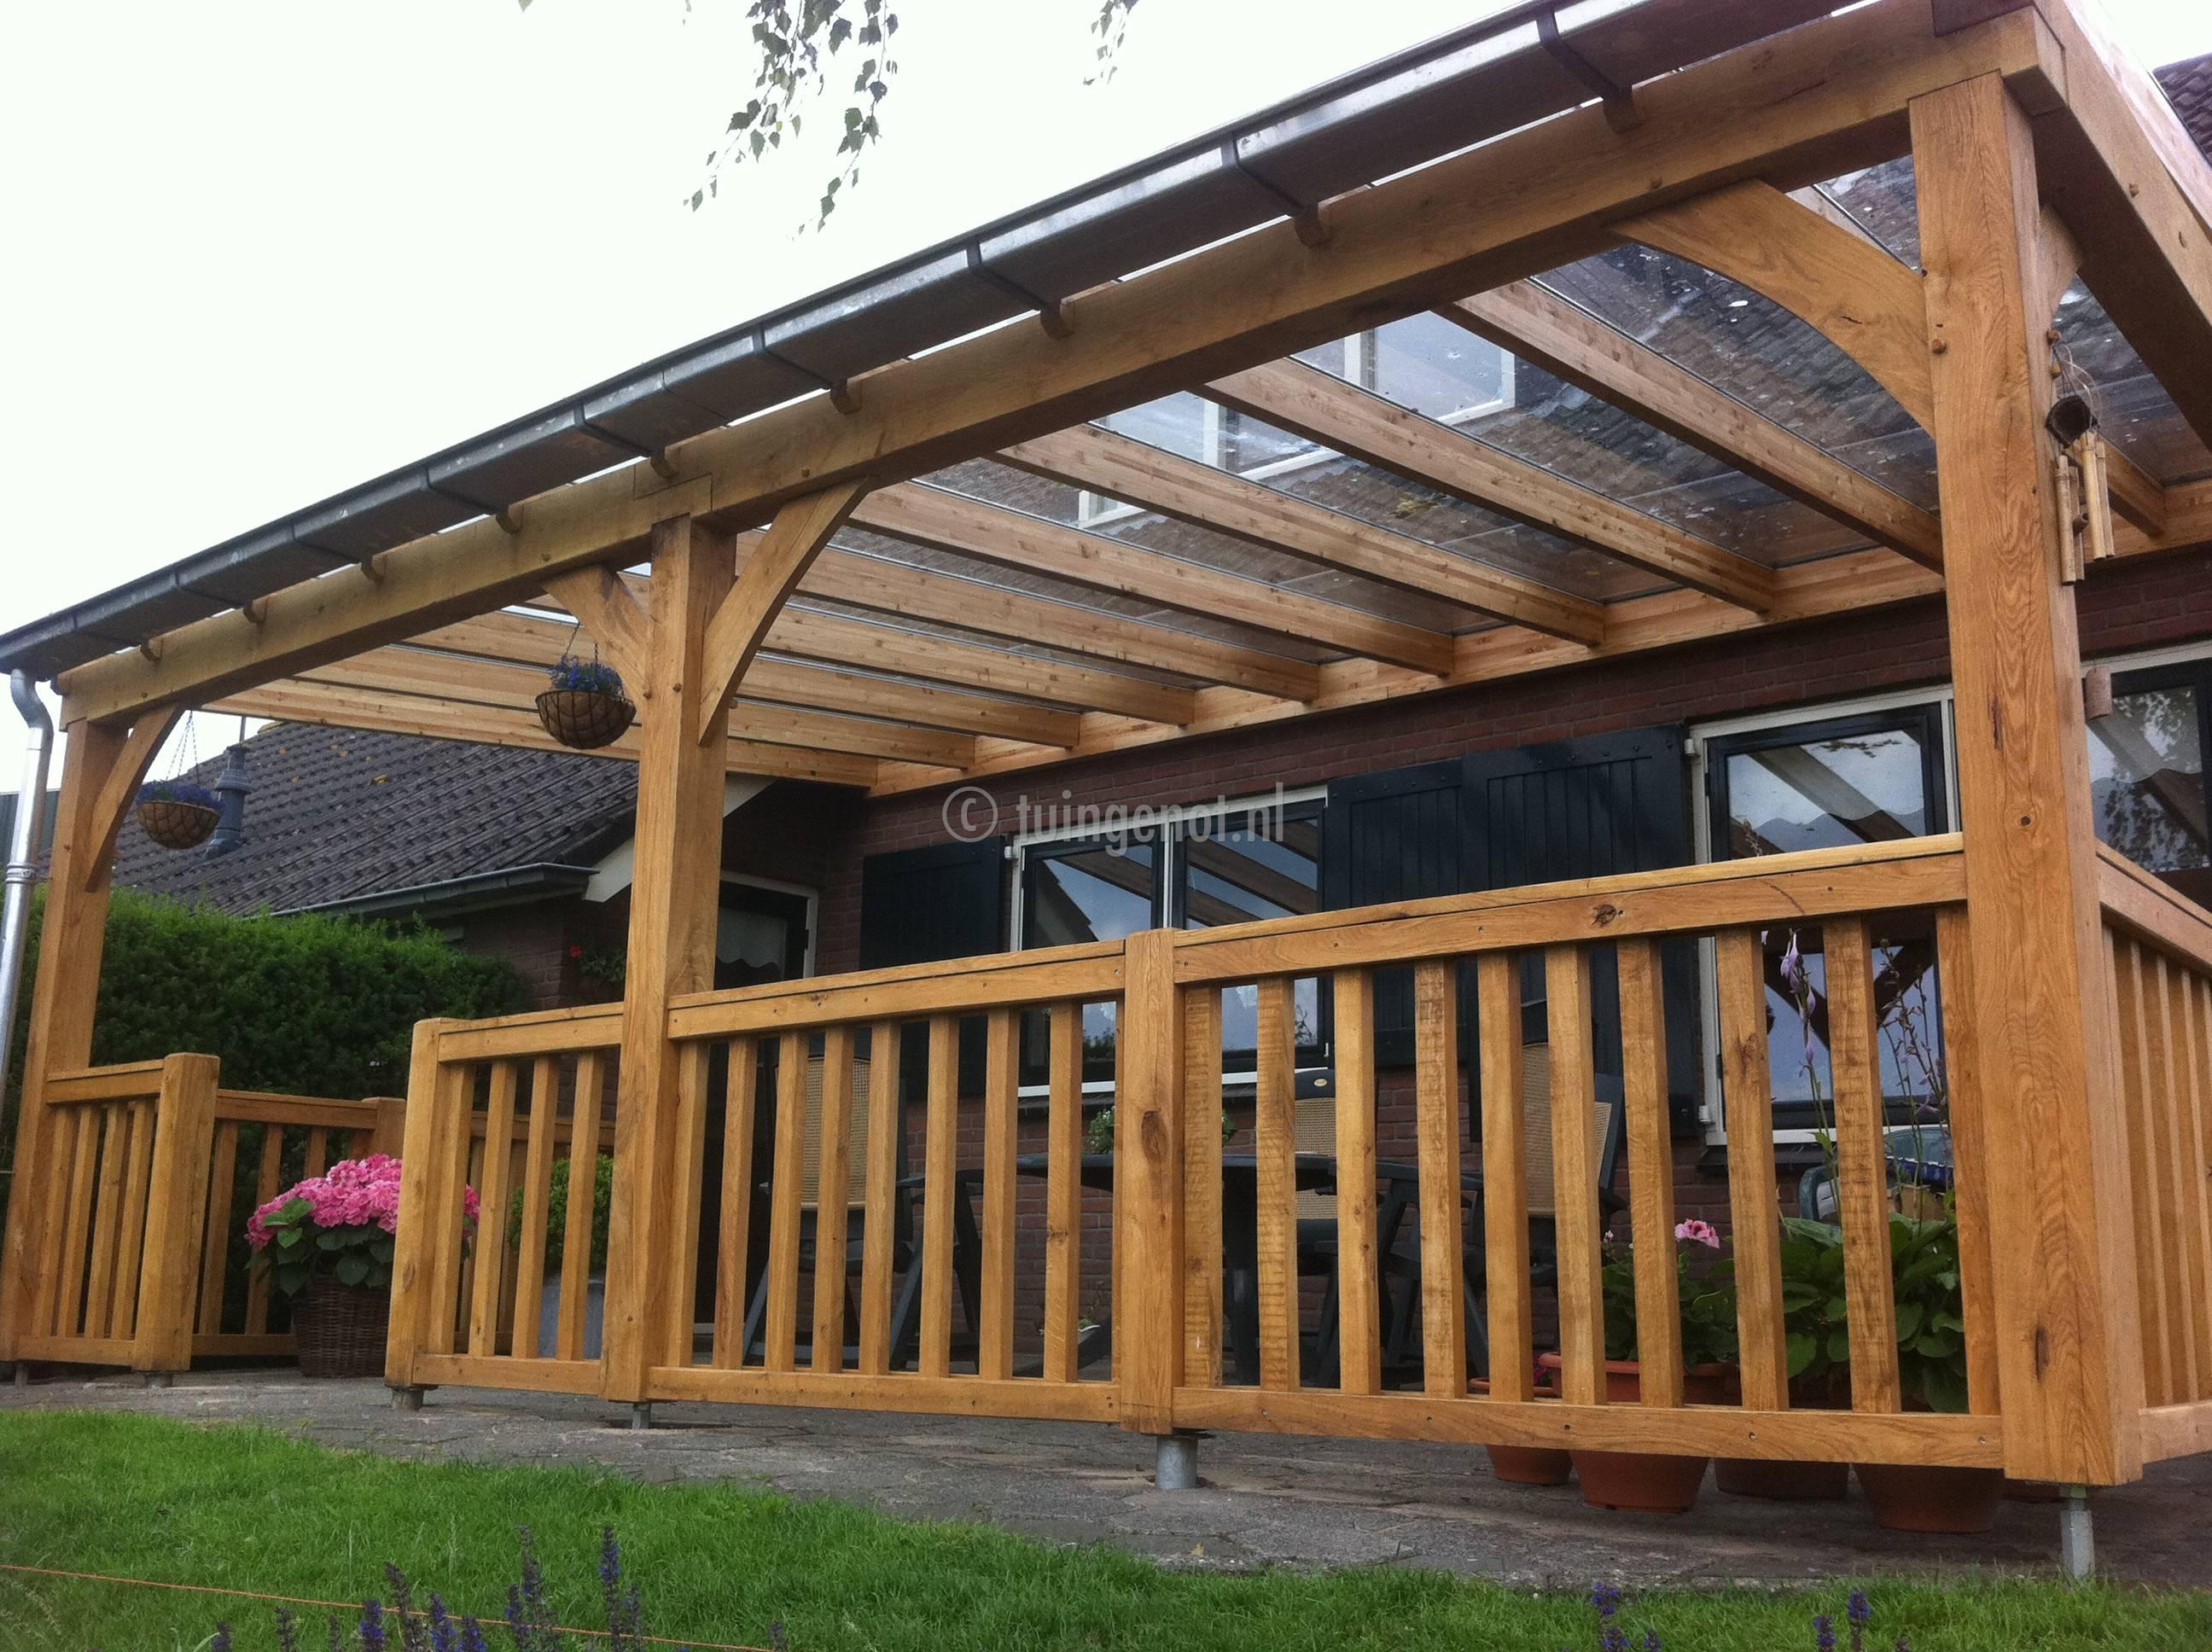 Tuingenot eikenhouten veranda met zinken goten daken van for Houten veranda